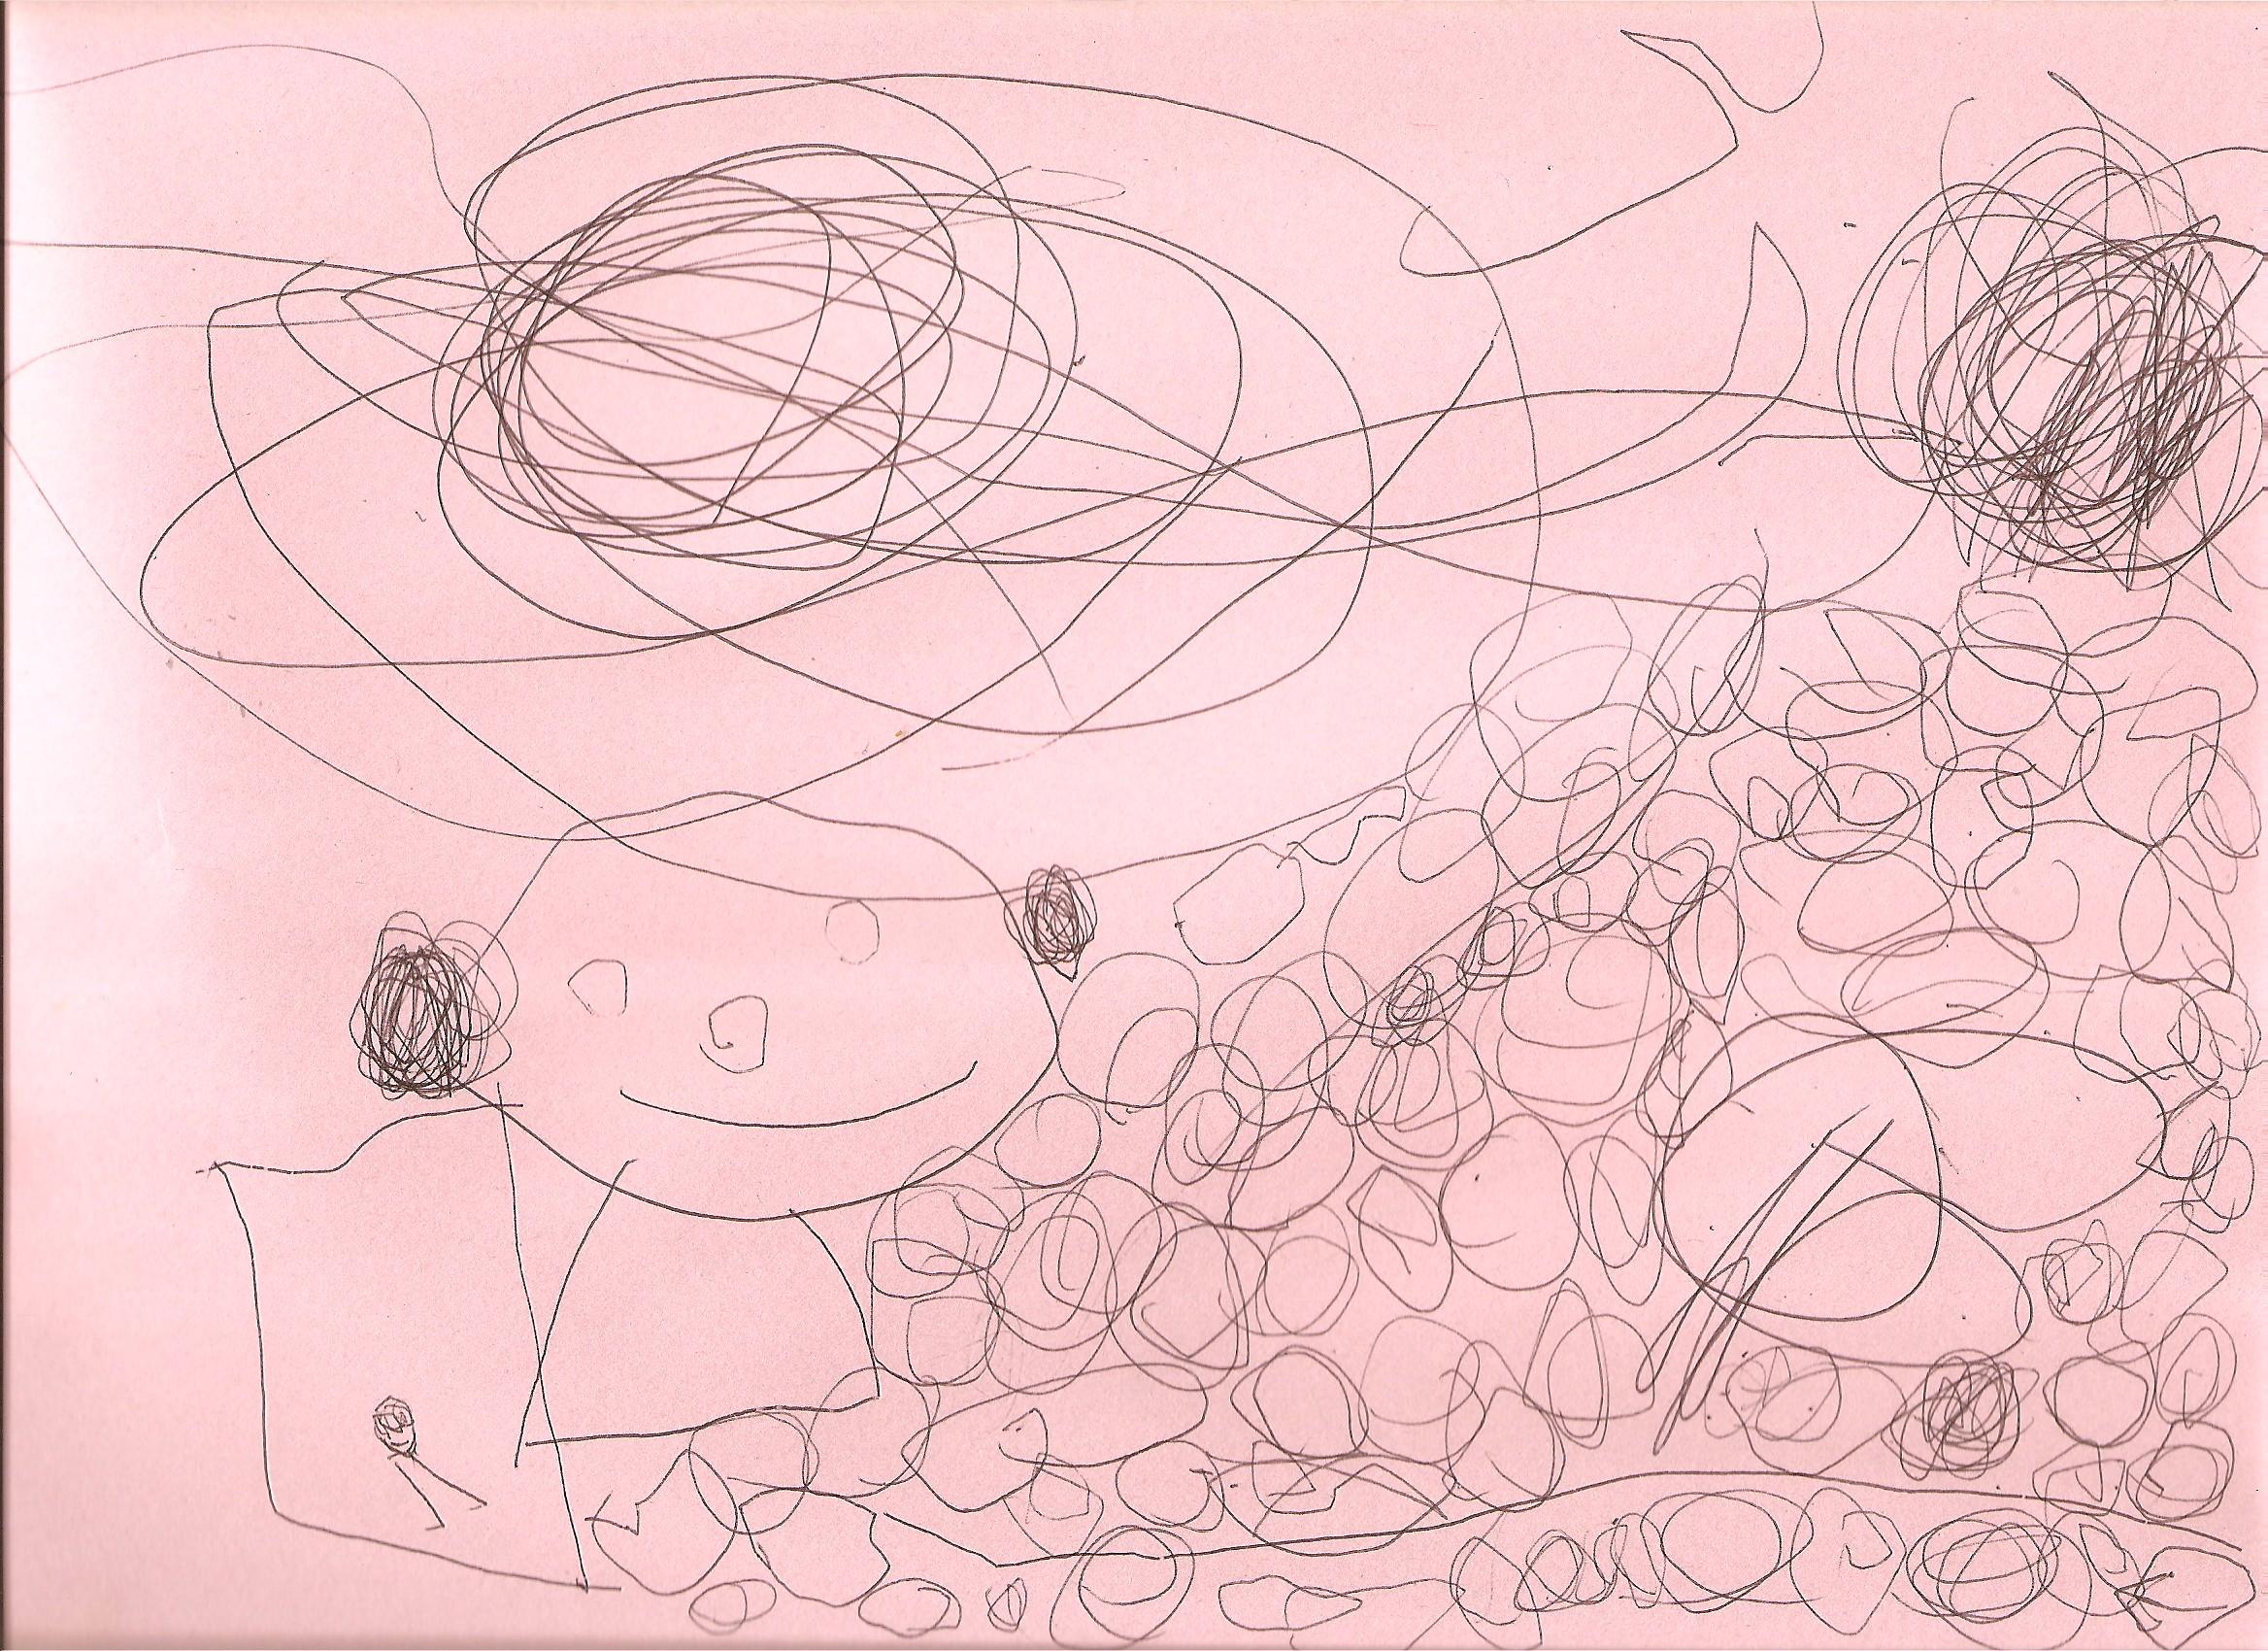 2008-10-25-allison-pen-drawing.jpg